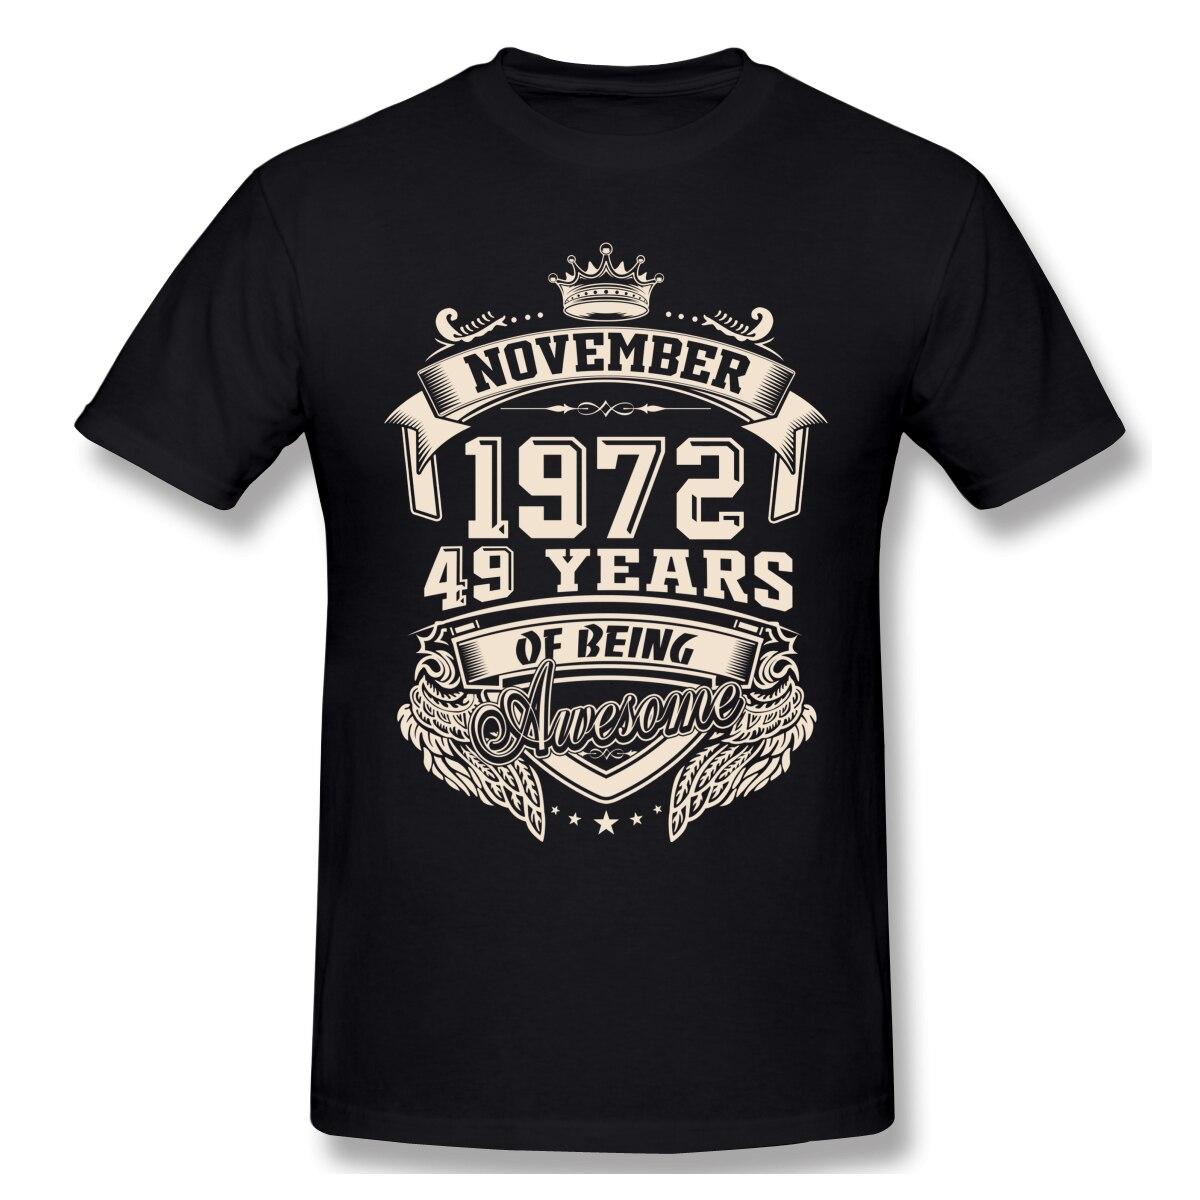 Nascido em novembro de 1972 49 anos de ser incrível t camisa tamanho grande algodão personalizado manga curta camiseta